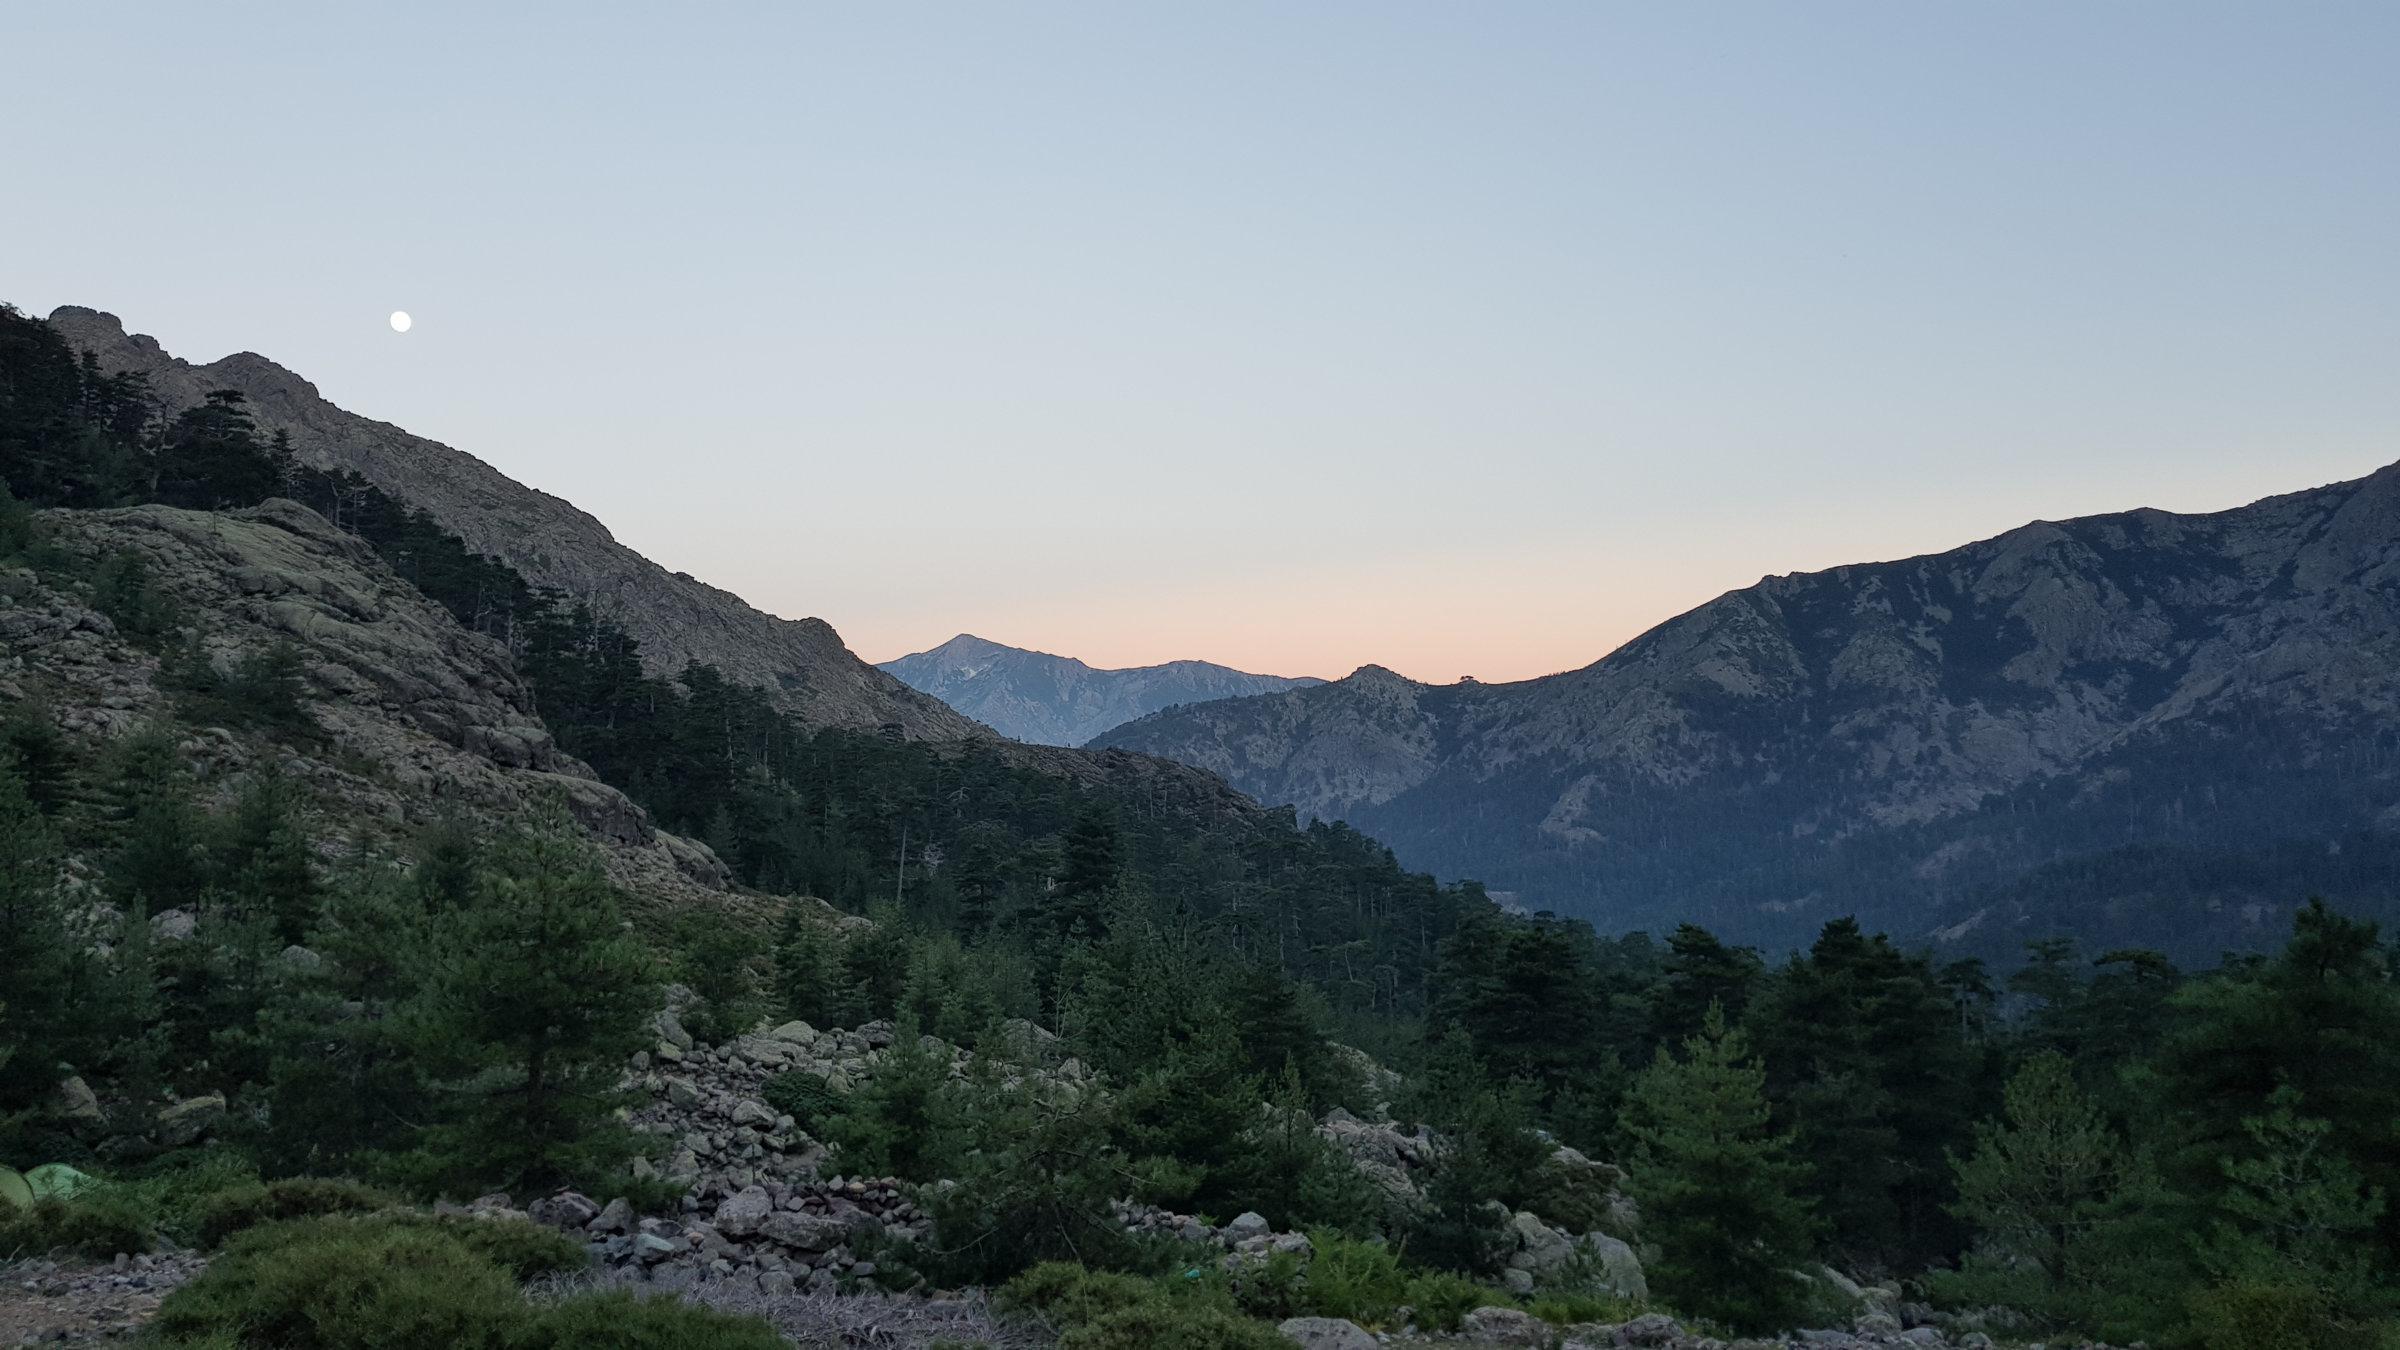 Sonnenuntergang an der Bergerie Ballone, Korsika, GR20 Weitwanderweg, Wandern, Berge, Frankreich